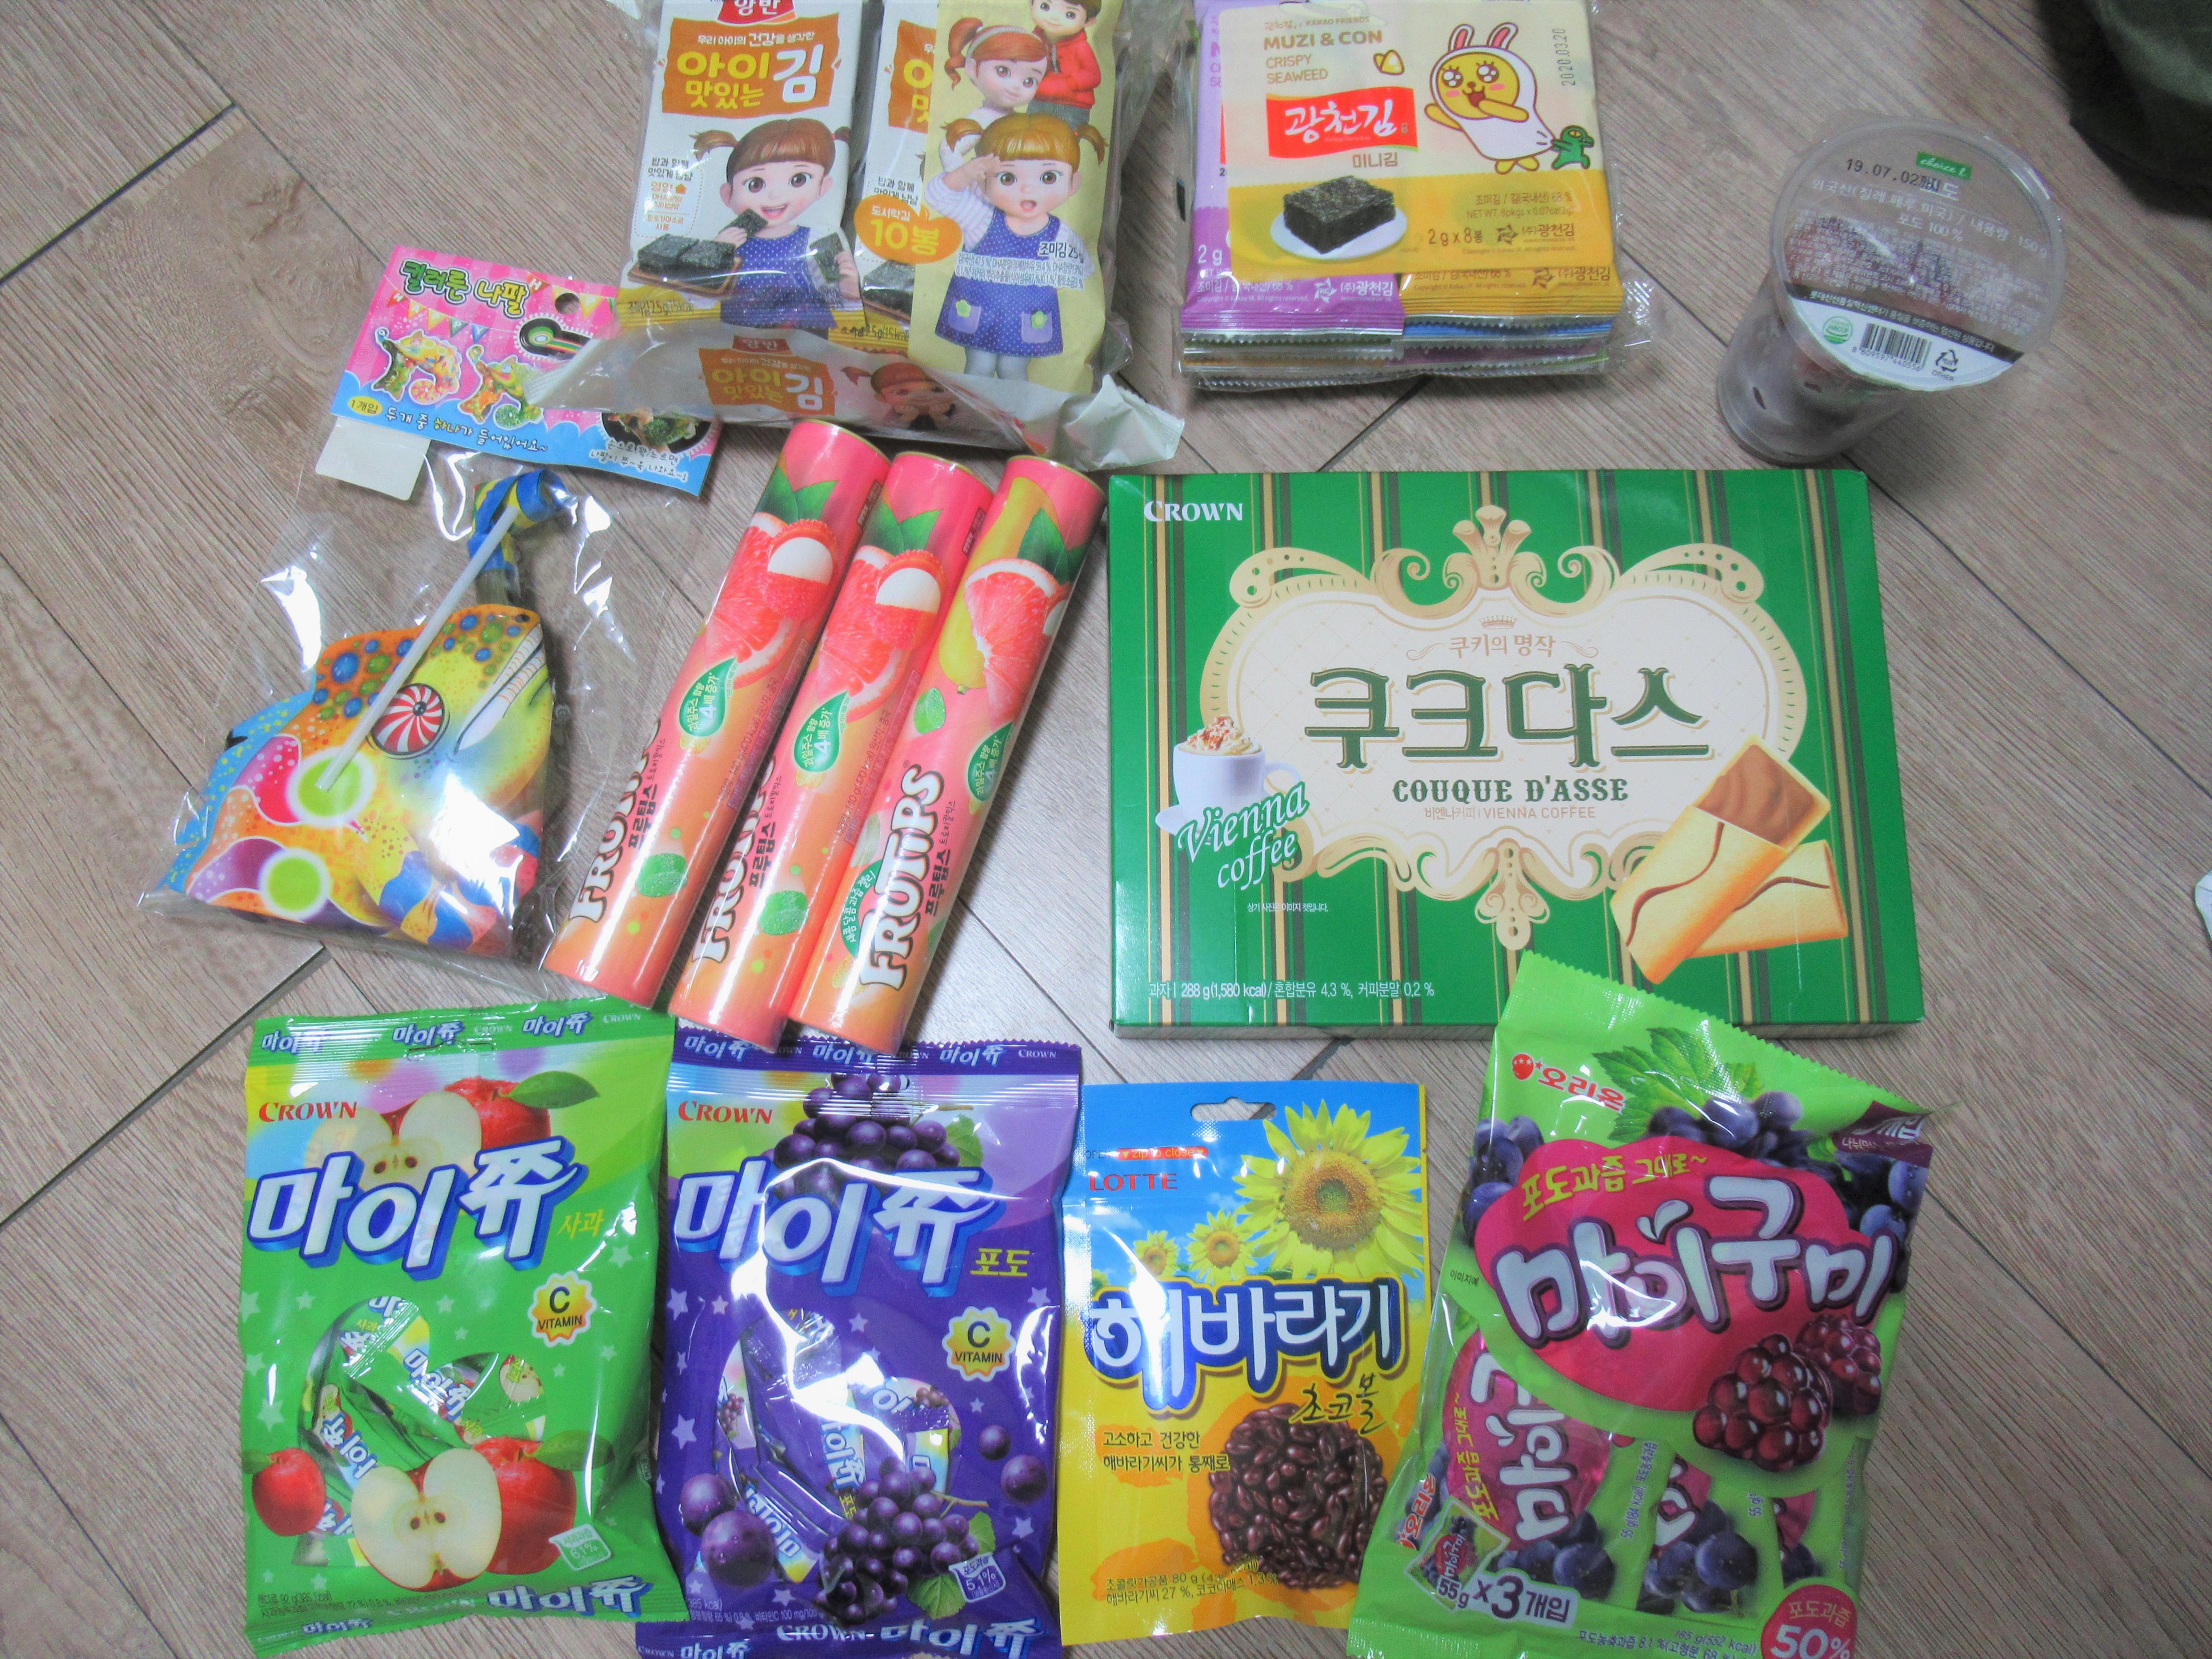 韓国のお菓子はお土産にオススメ☆2019年はスーパーで購入|韓国ブログ旅